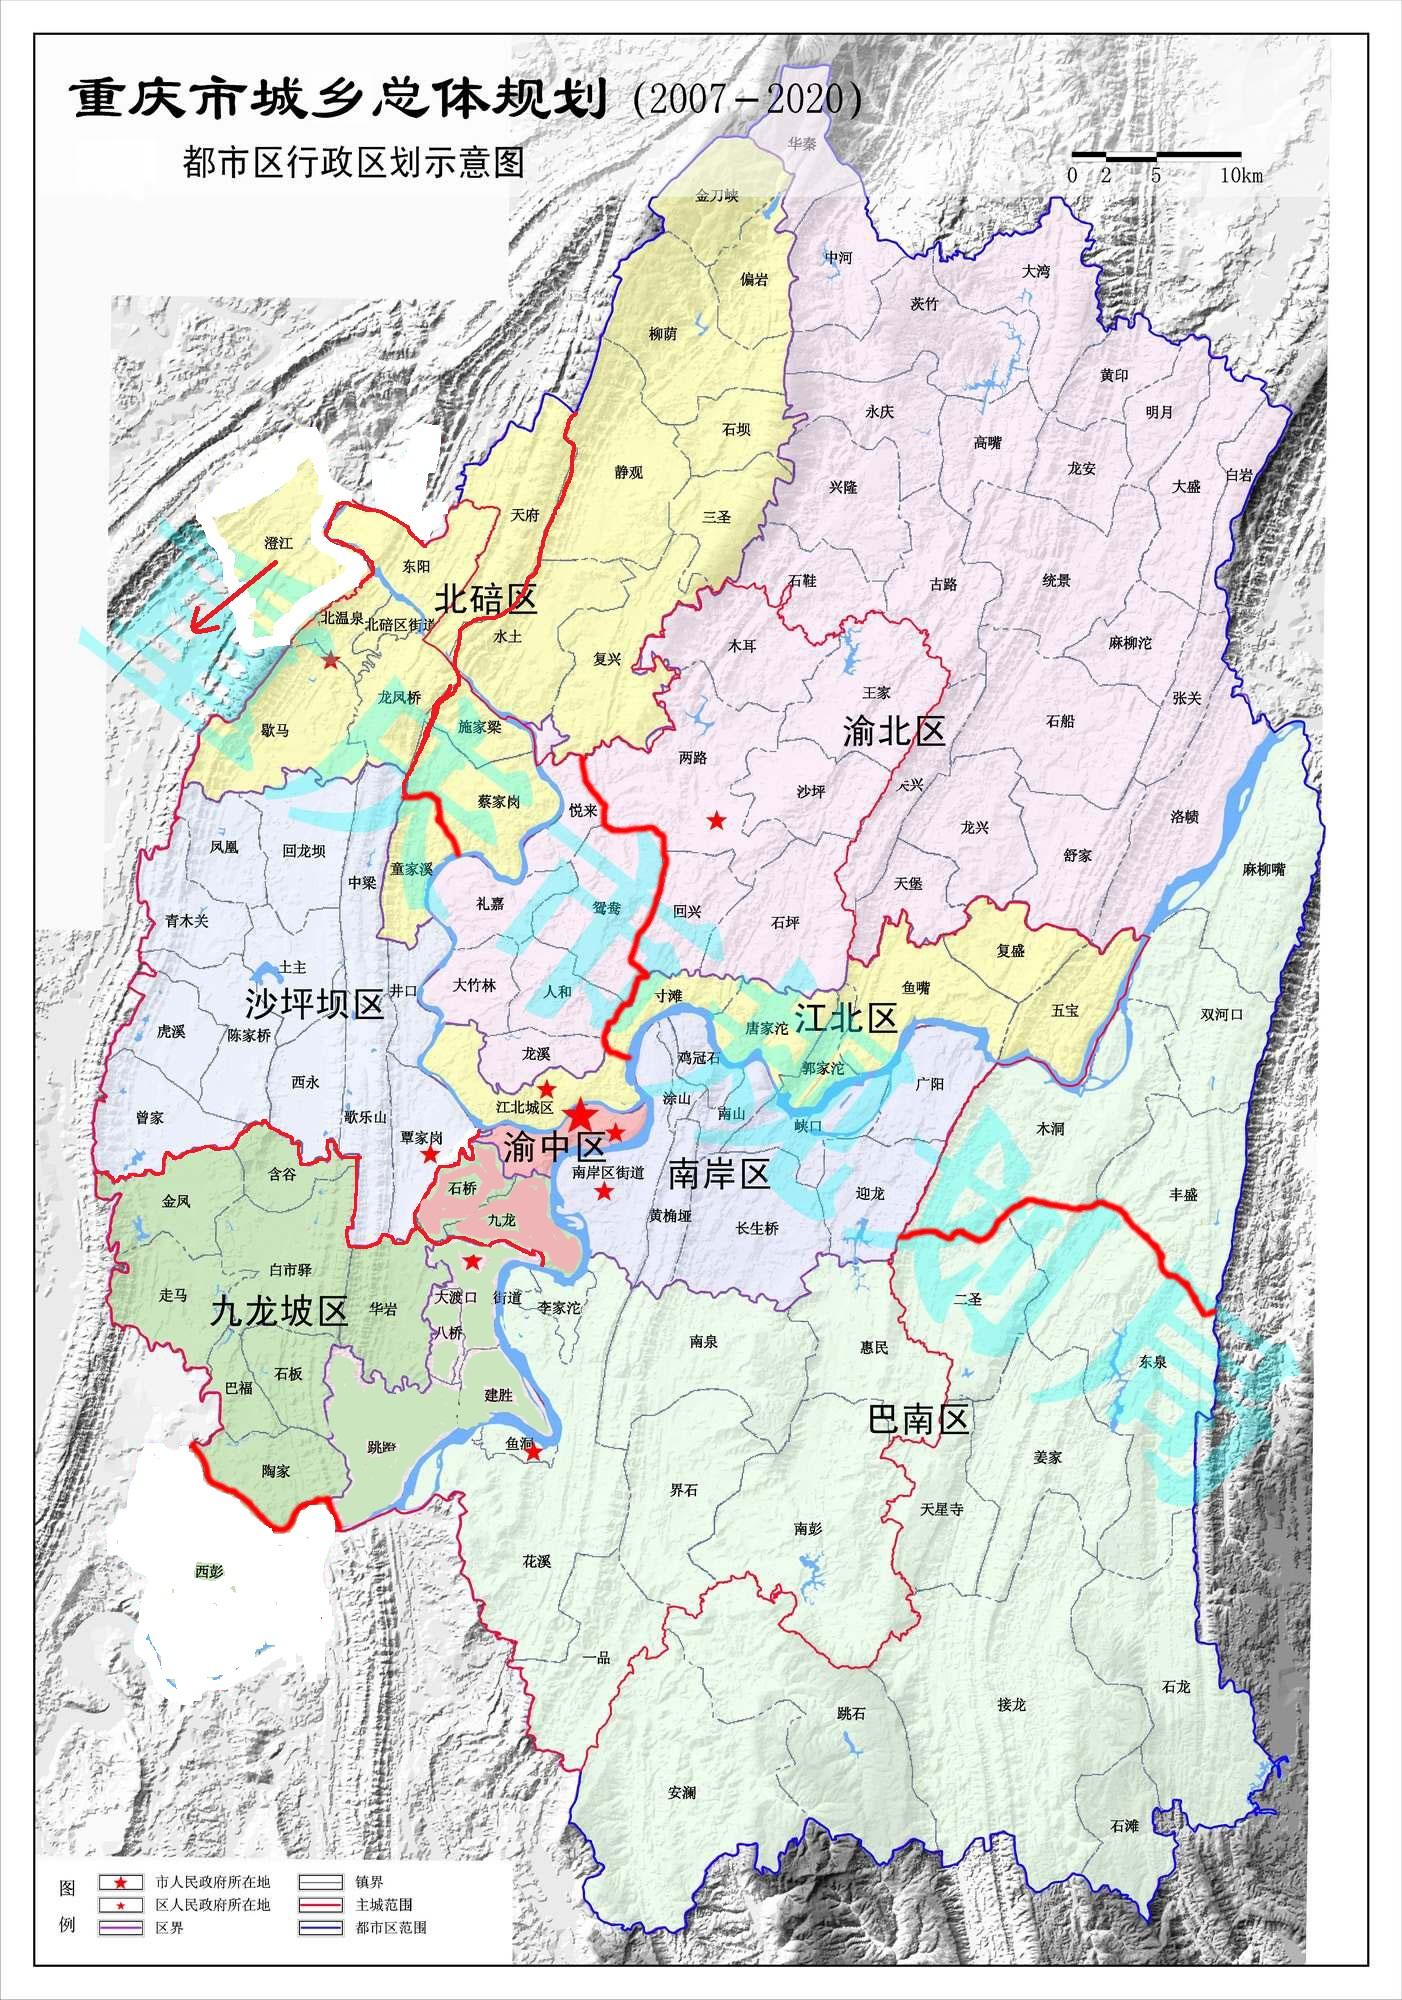 九龙坡和大渡口合并后新区府改为被合并的大渡口区. 其他微调.